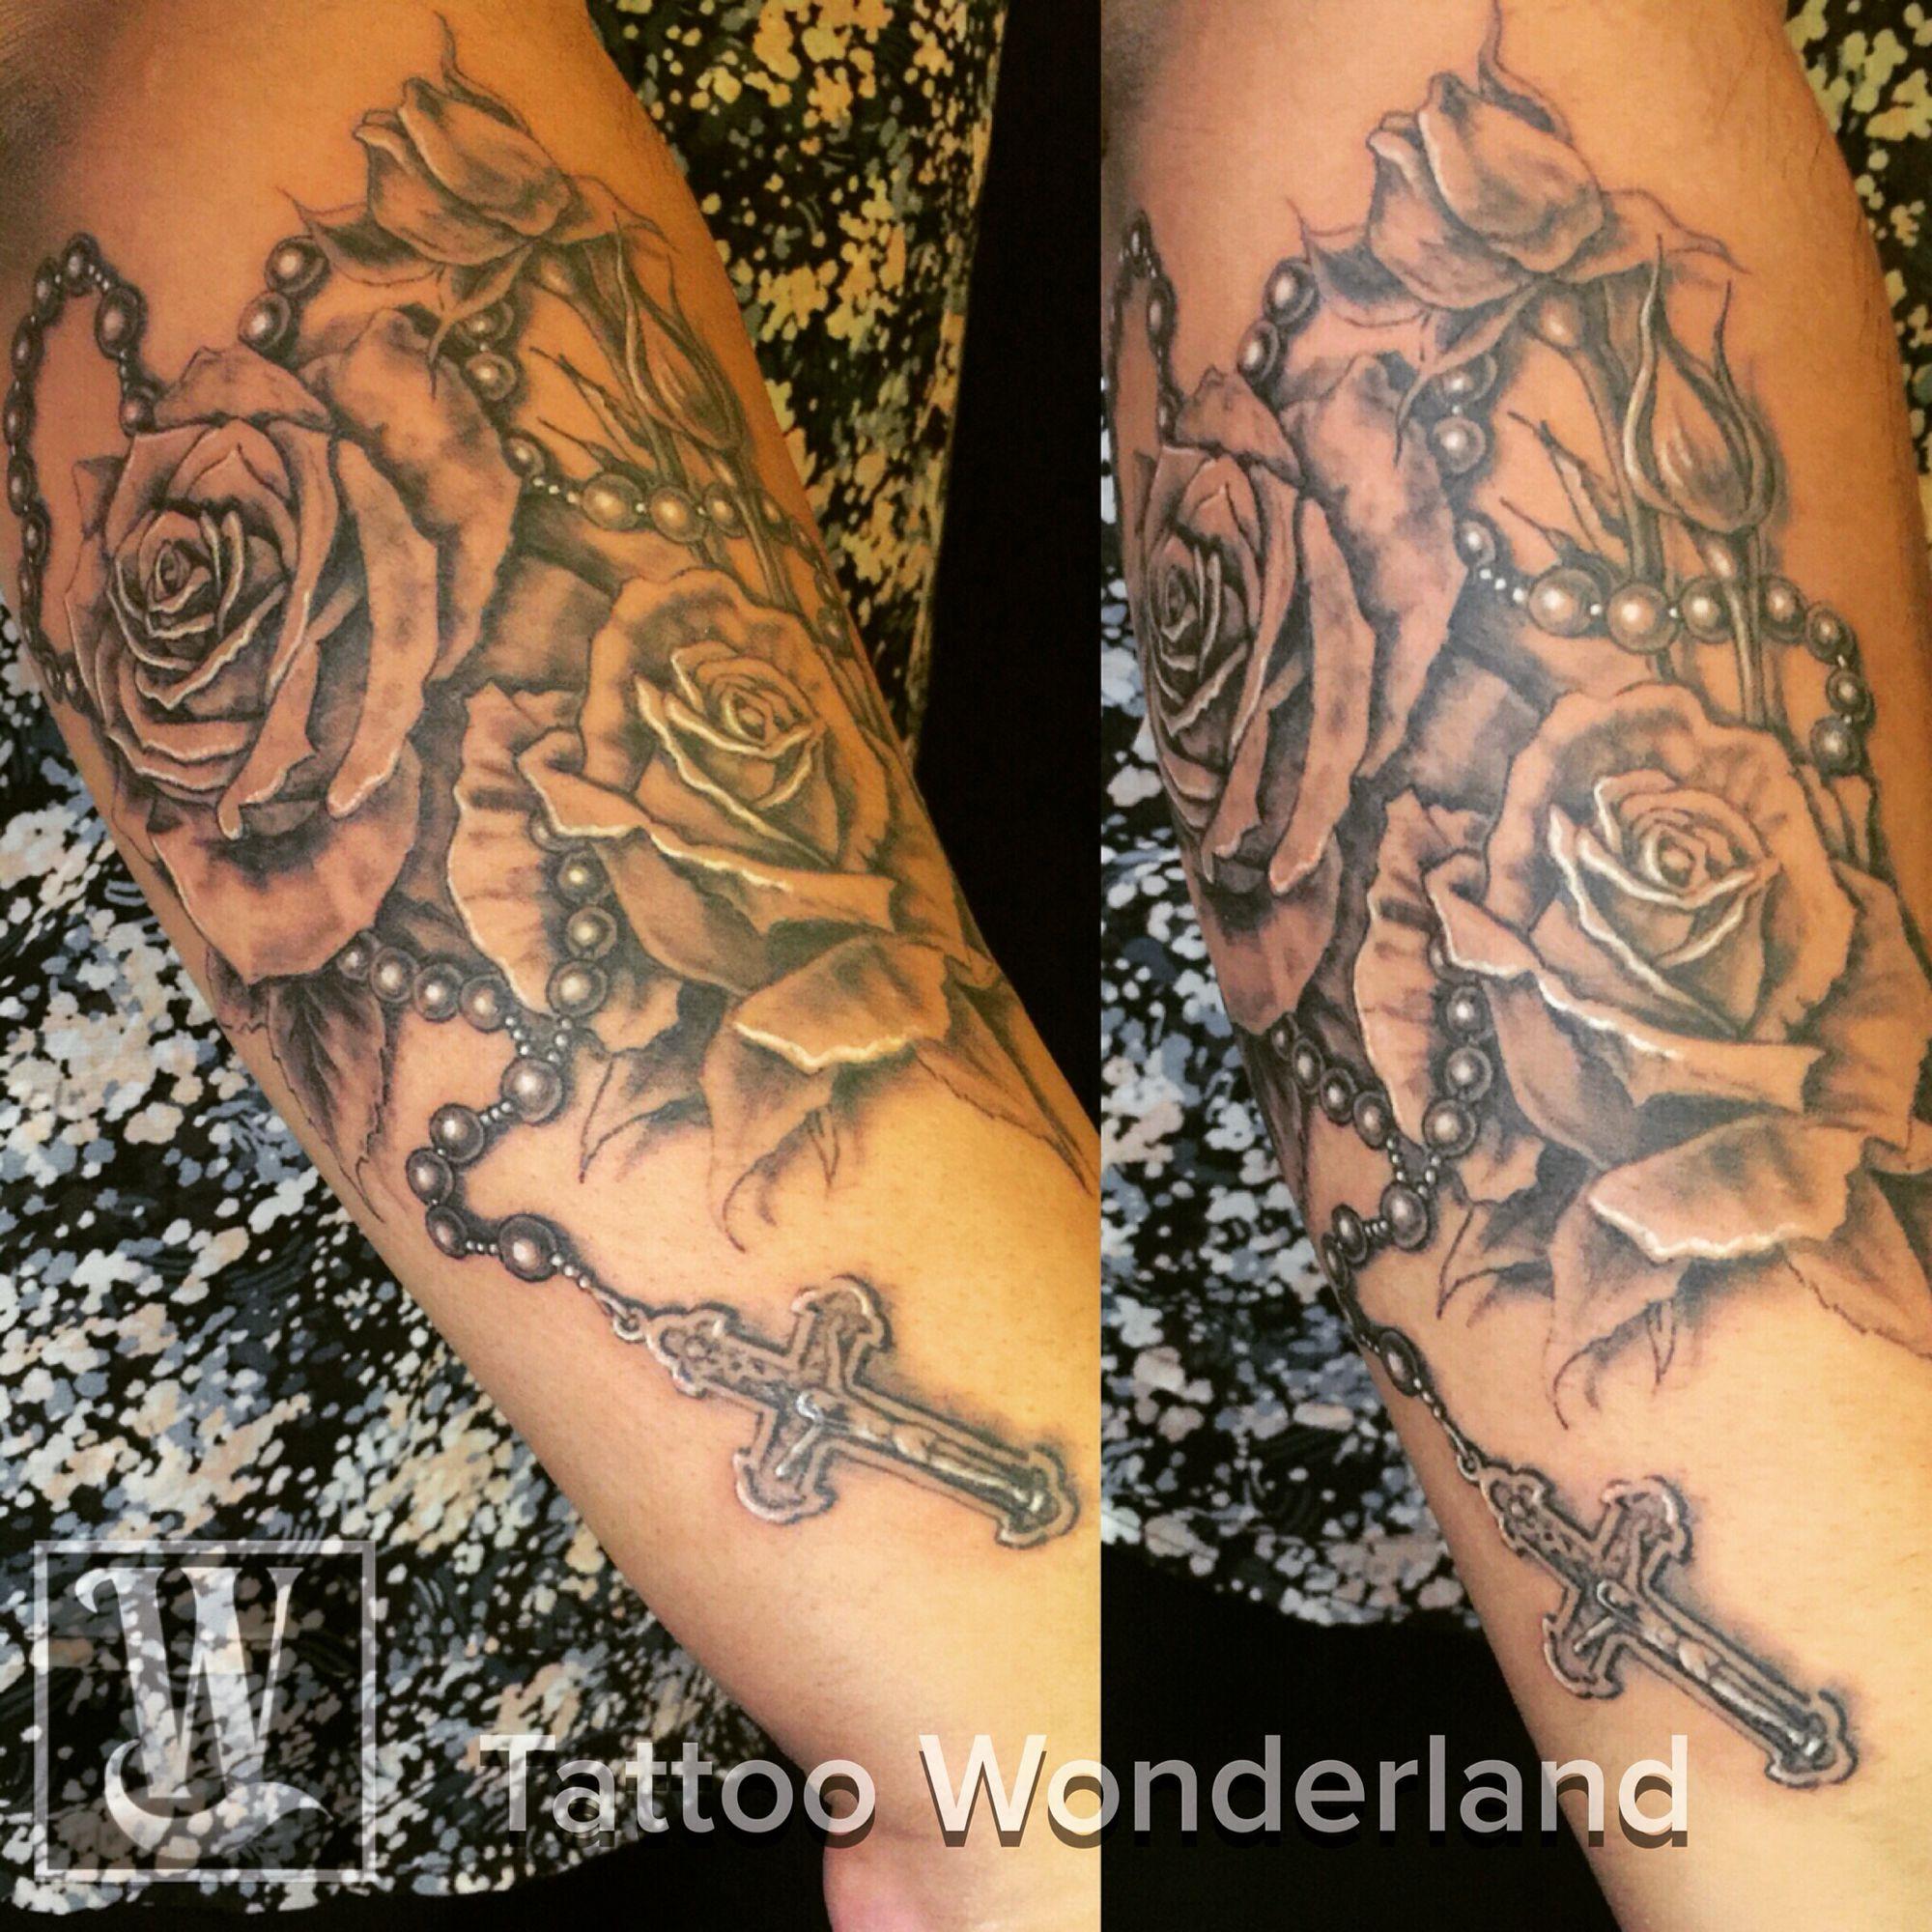 9a3b8b1b03627 Tattoo Wonderland | Sweet tattoos | Roseary tattoo, Rose tattoos ...